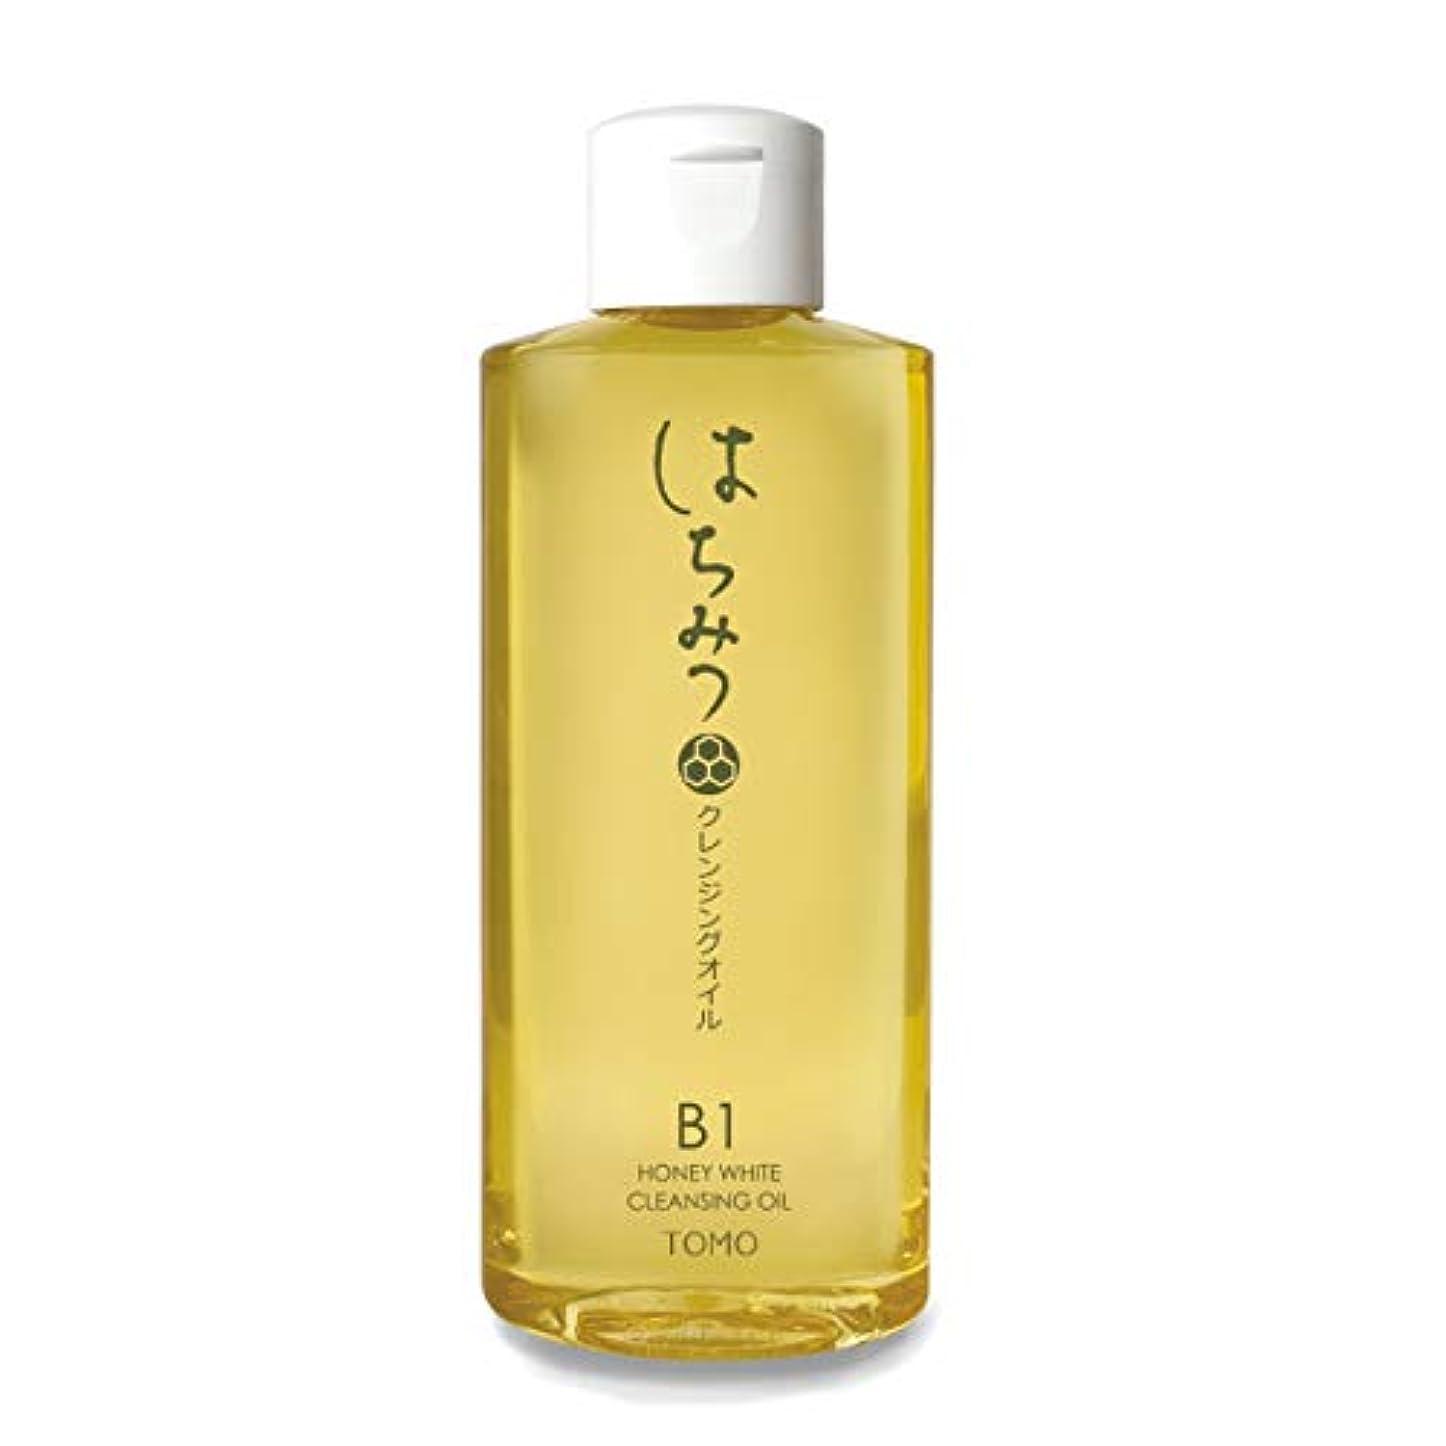 のために従事した他に低刺激 ロイヤルゼリーエキス配合 50%以上がオリーブオイル 洗い流すタイプのクレンジング クレンジングオイルB1 150ml